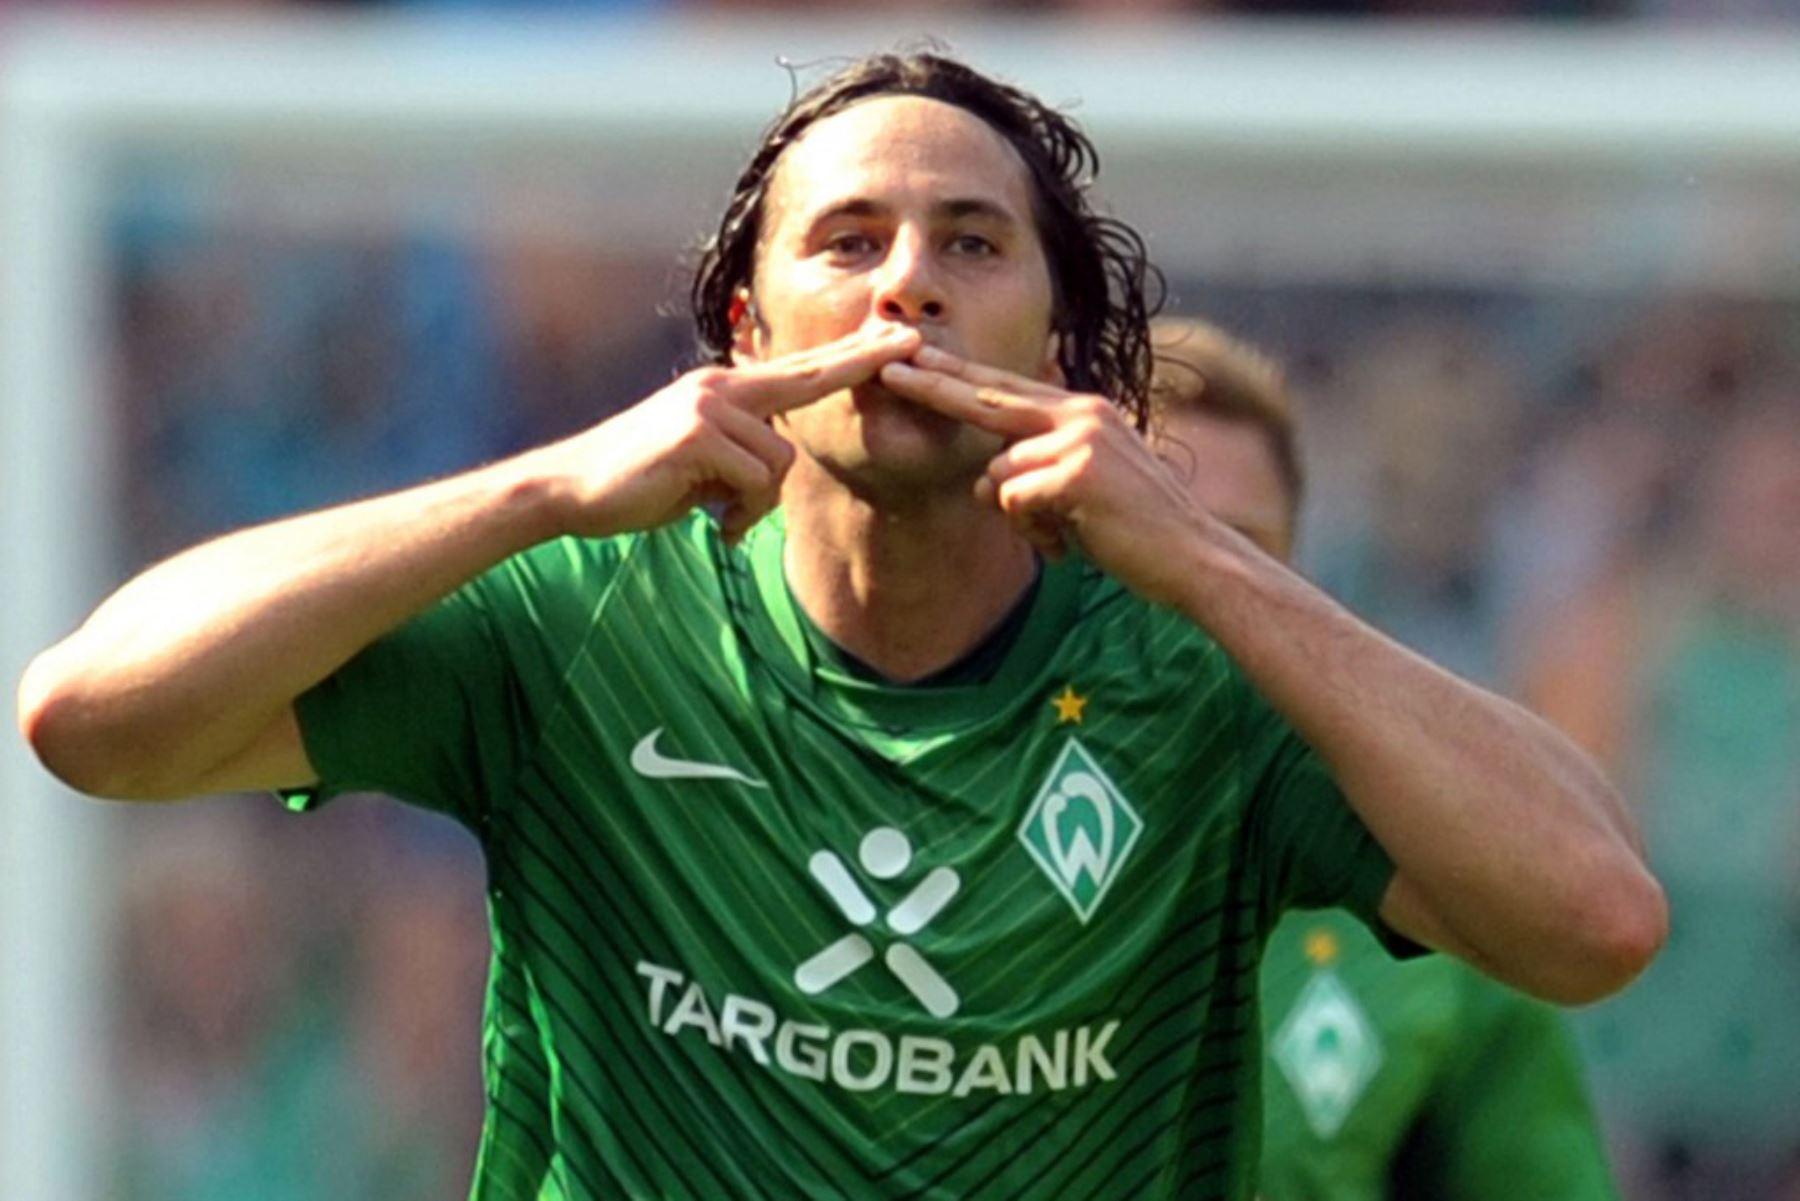 El delantero peruano de Werder Bremen, Claudio Pizarro, celebra después de anotar el 2-1 durante el partido de fútbol de la primera división alemana de la Bundesliga Werder Bremen vs. SC Freiburg en la ciudad alemana del norte de Bremen. Foto: AFP